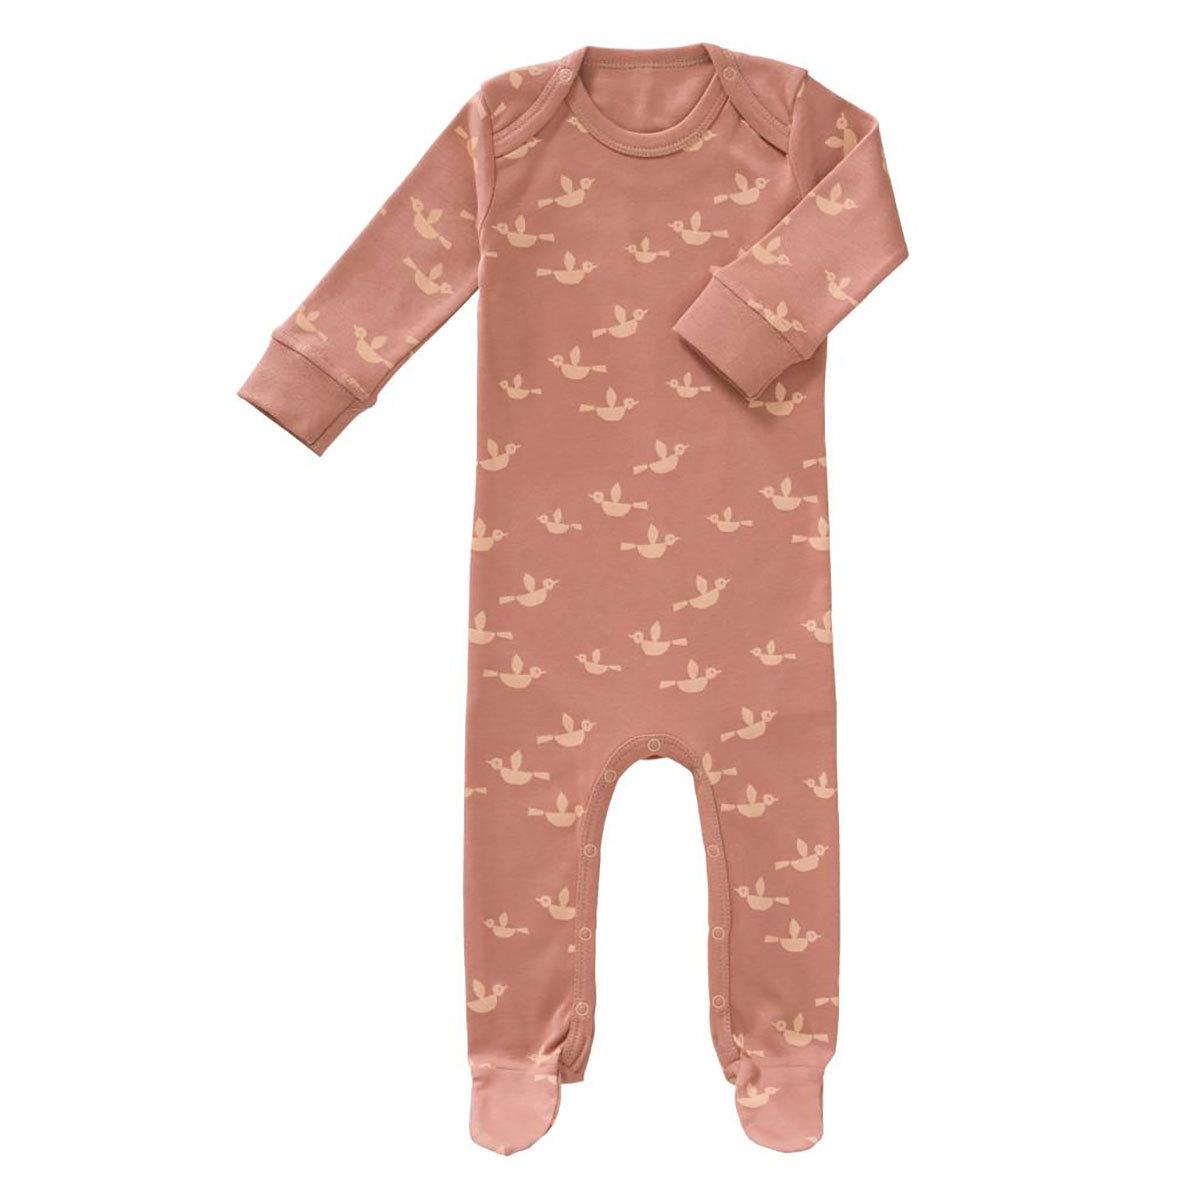 Body & Pyjama Pyjama Oiseaux - 0/3 Mois Pyjama Oiseaux - 0/3 Mois